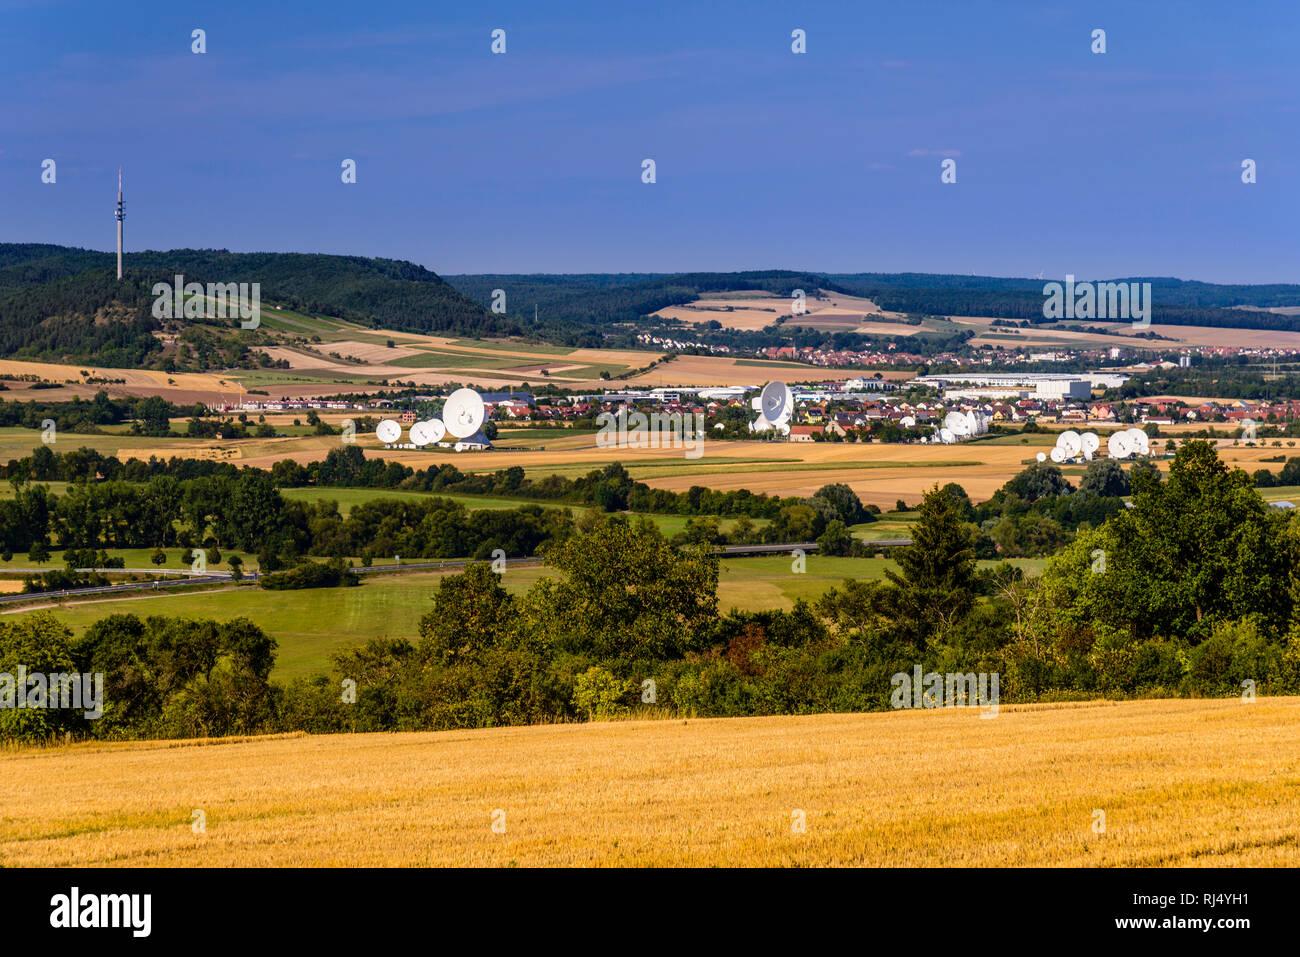 Deutschland, Bayern, Unterfranken, Fr?nkisches Saaletal, Fuchsstadt, Saaletal mit Erdfunkstelle der Firma Intelsat - Stock Image